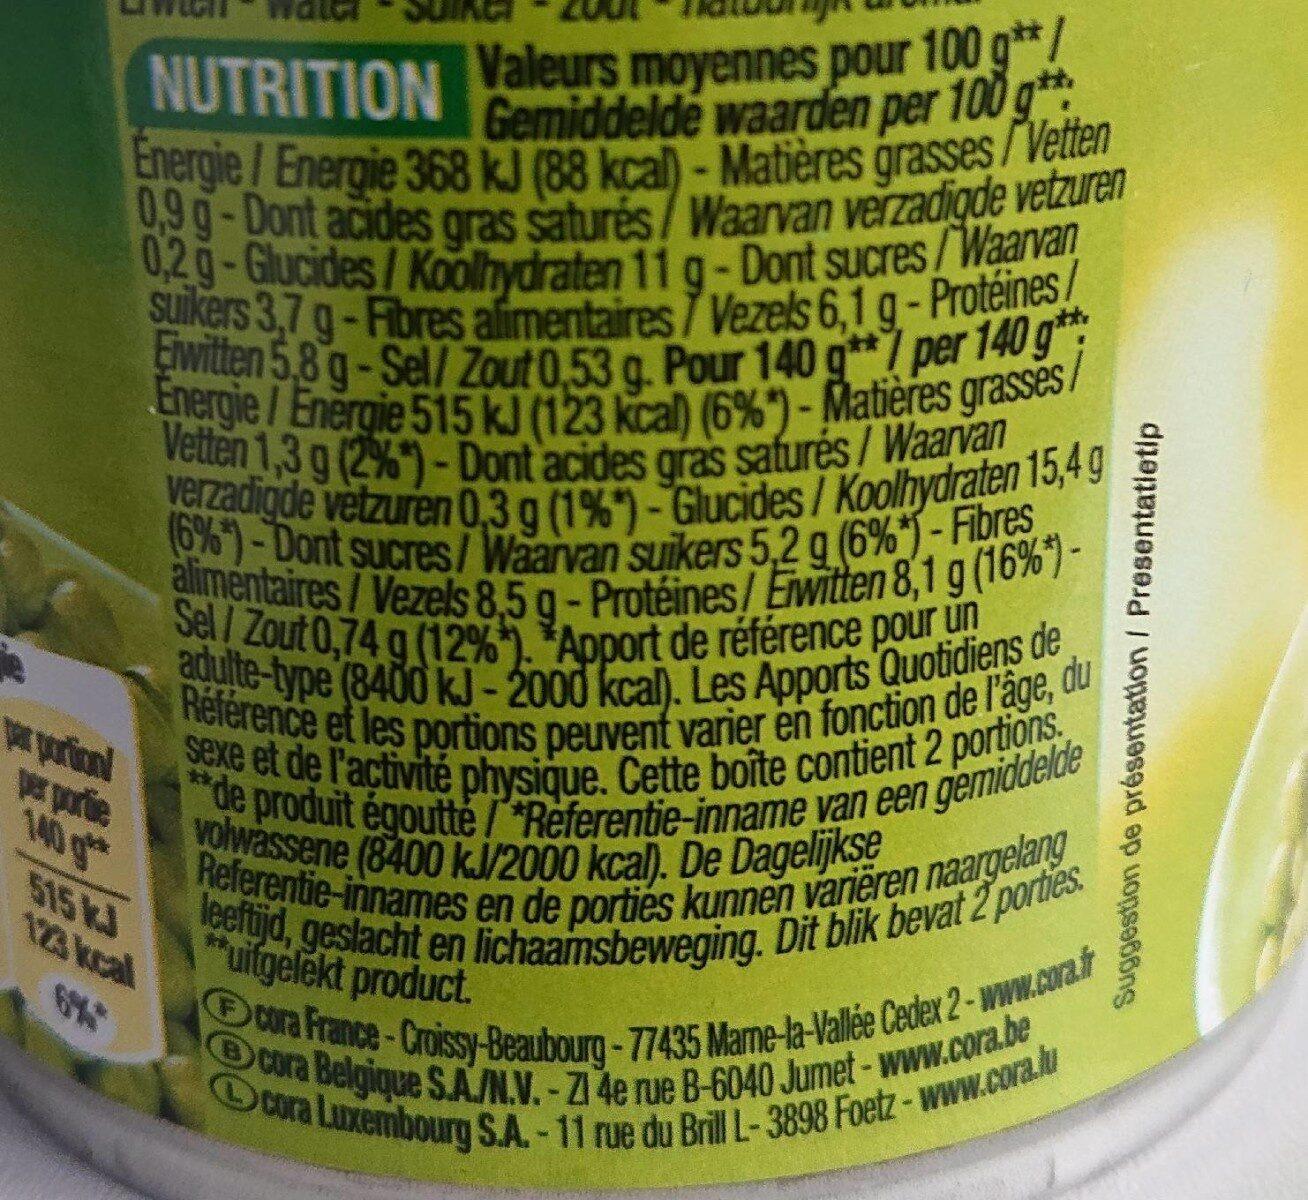 Petits pois à l'étuvée - Informations nutritionnelles - fr